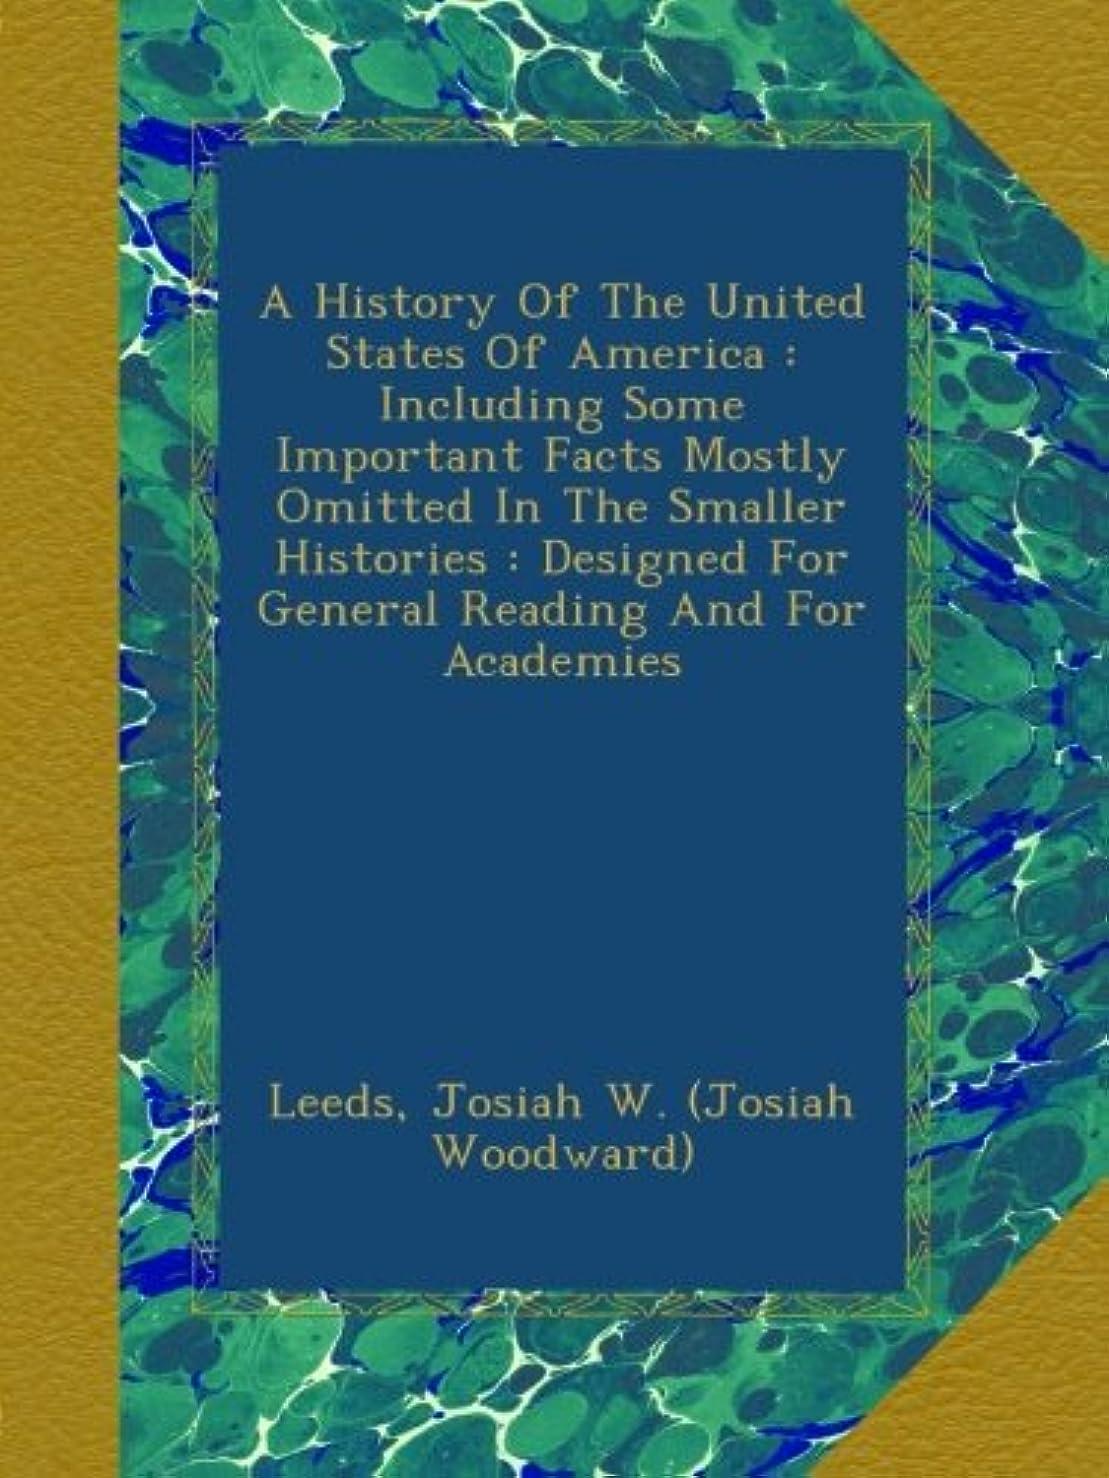 シェトランド諸島消すスタウトA History Of The United States Of America : Including Some Important Facts Mostly Omitted In The Smaller Histories : Designed For General Reading And For Academies